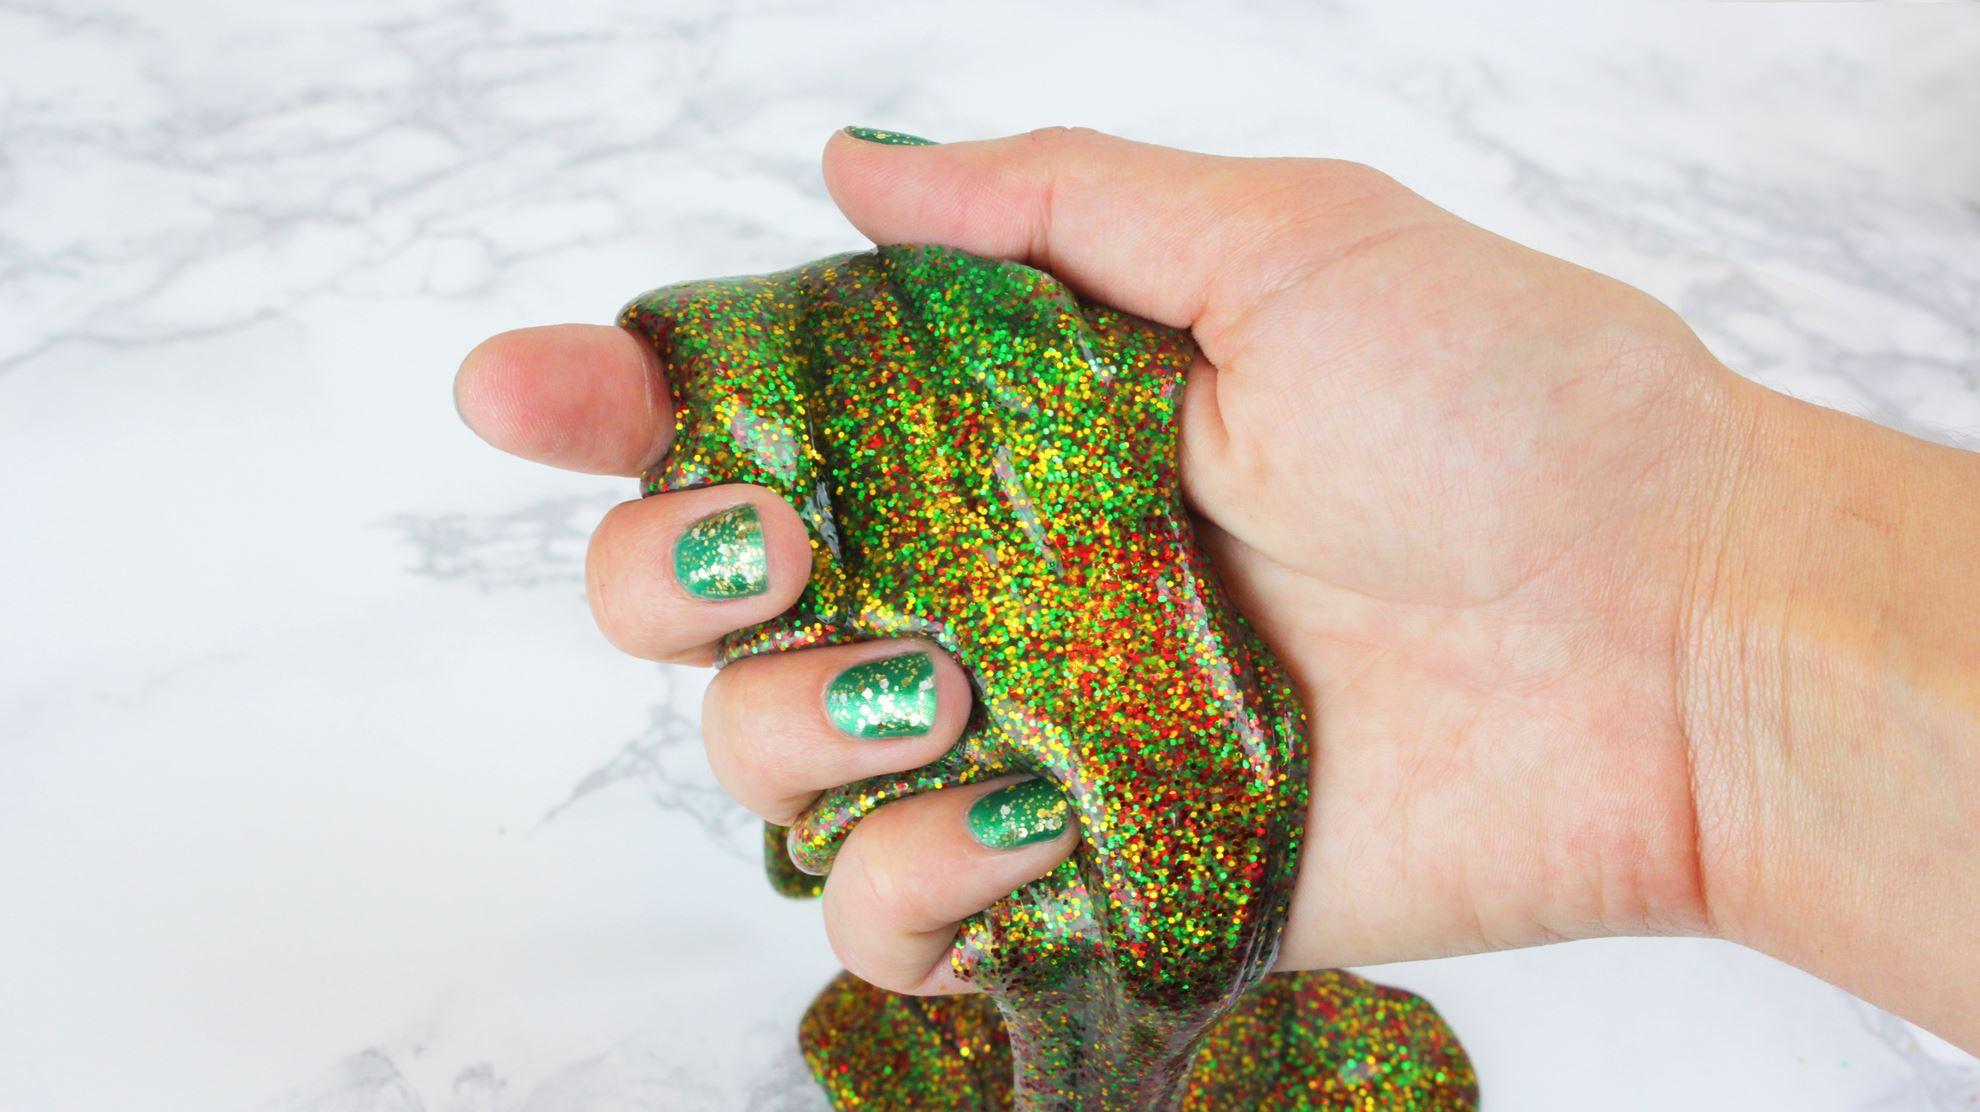 Aleene's Christmas Glitter Slime